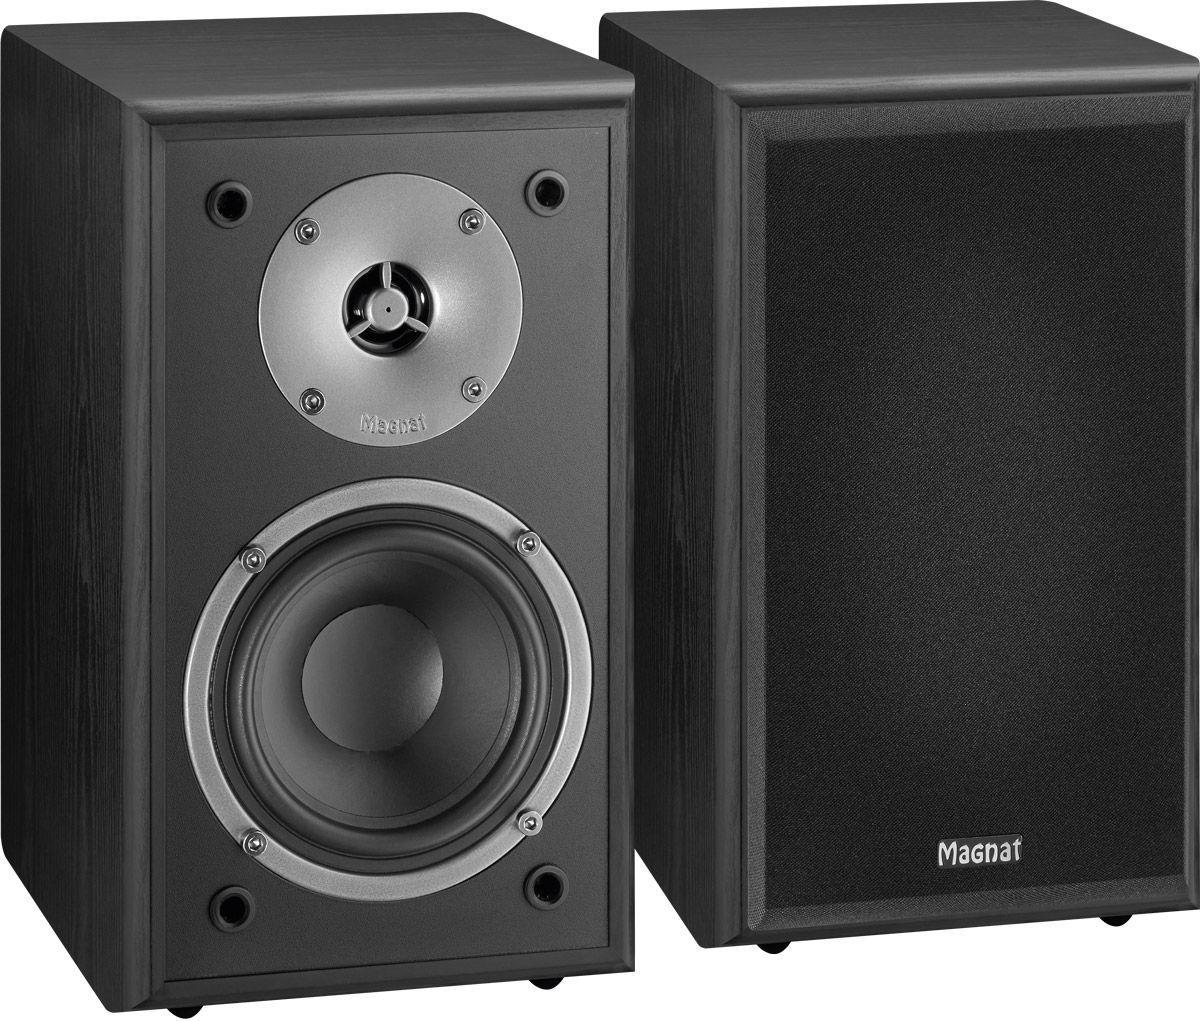 Paire d'enceintes Bass-reflex Magnat Monitor Supreme 102 - Noir